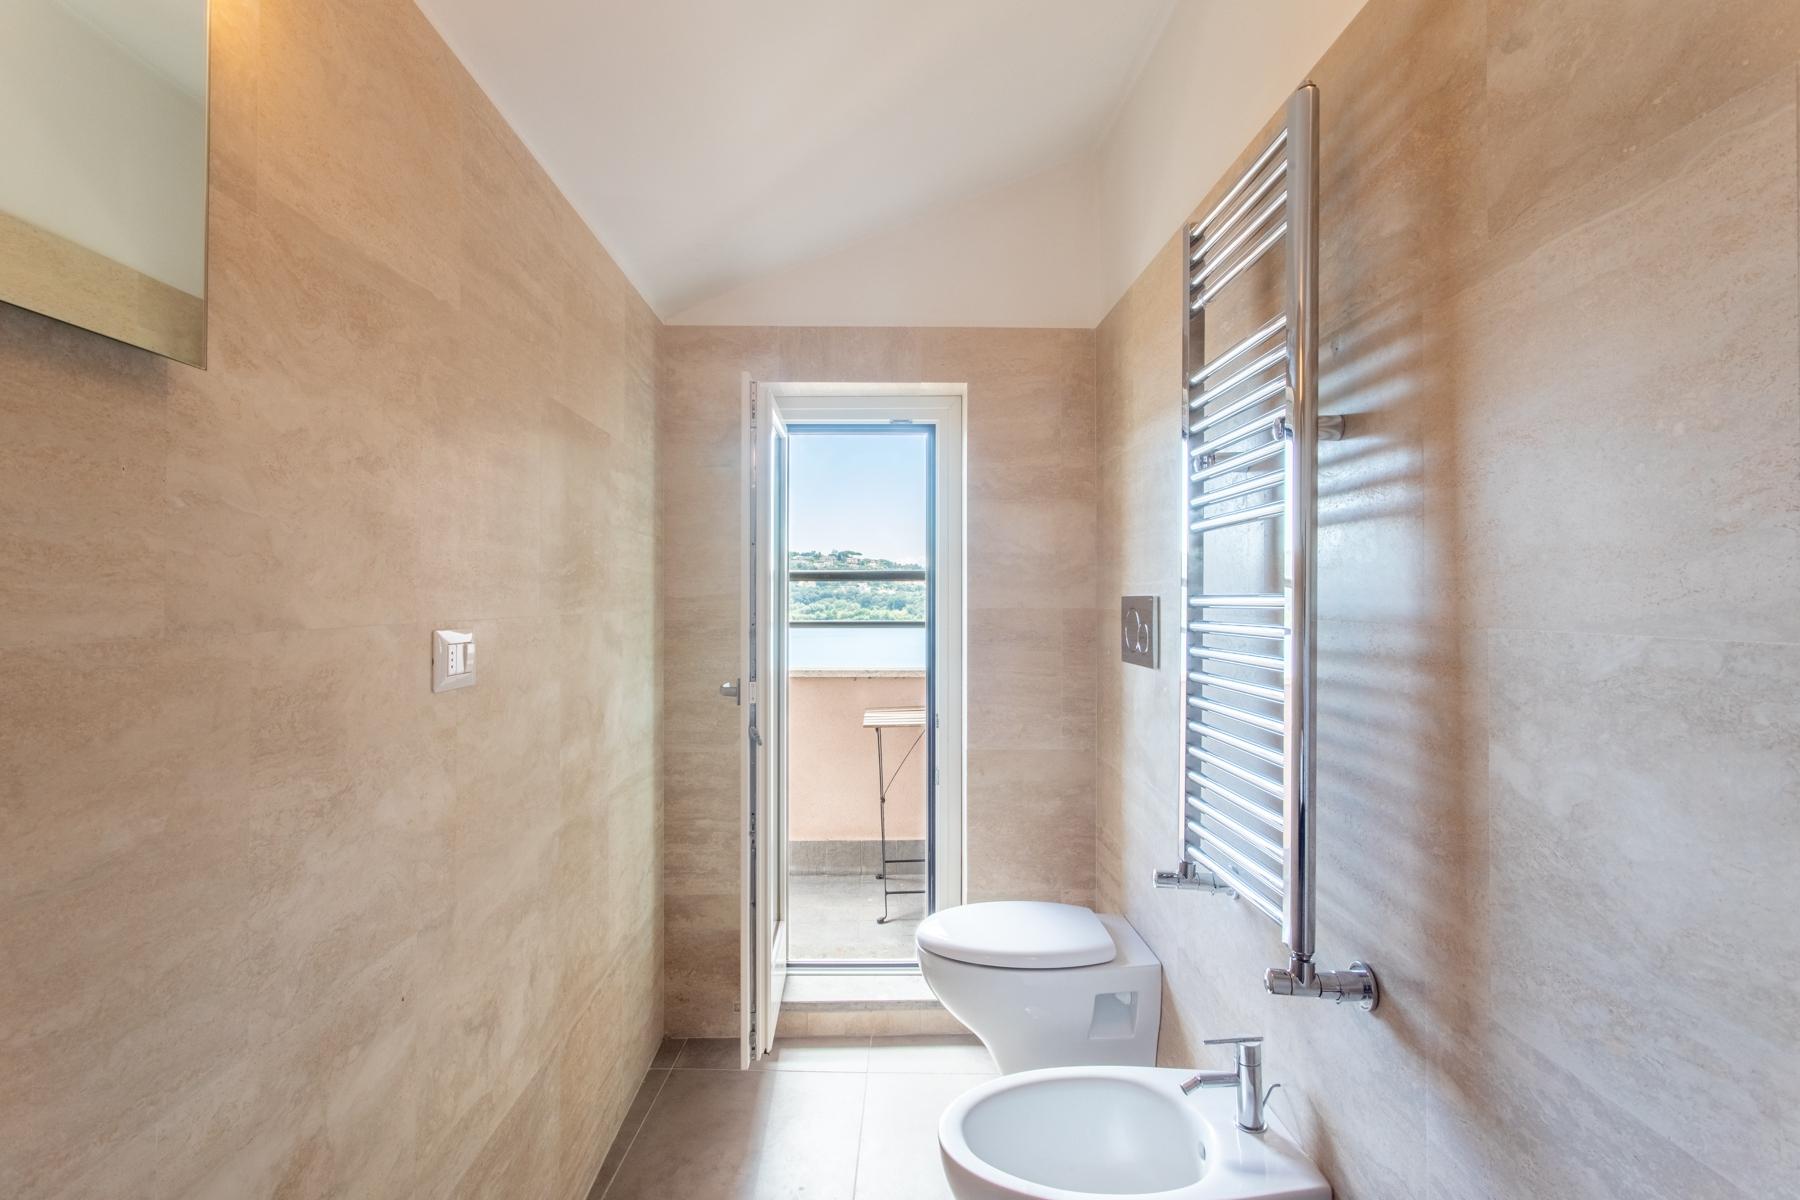 Appartamento in Vendita a Trevignano Romano: 4 locali, 85 mq - Foto 8